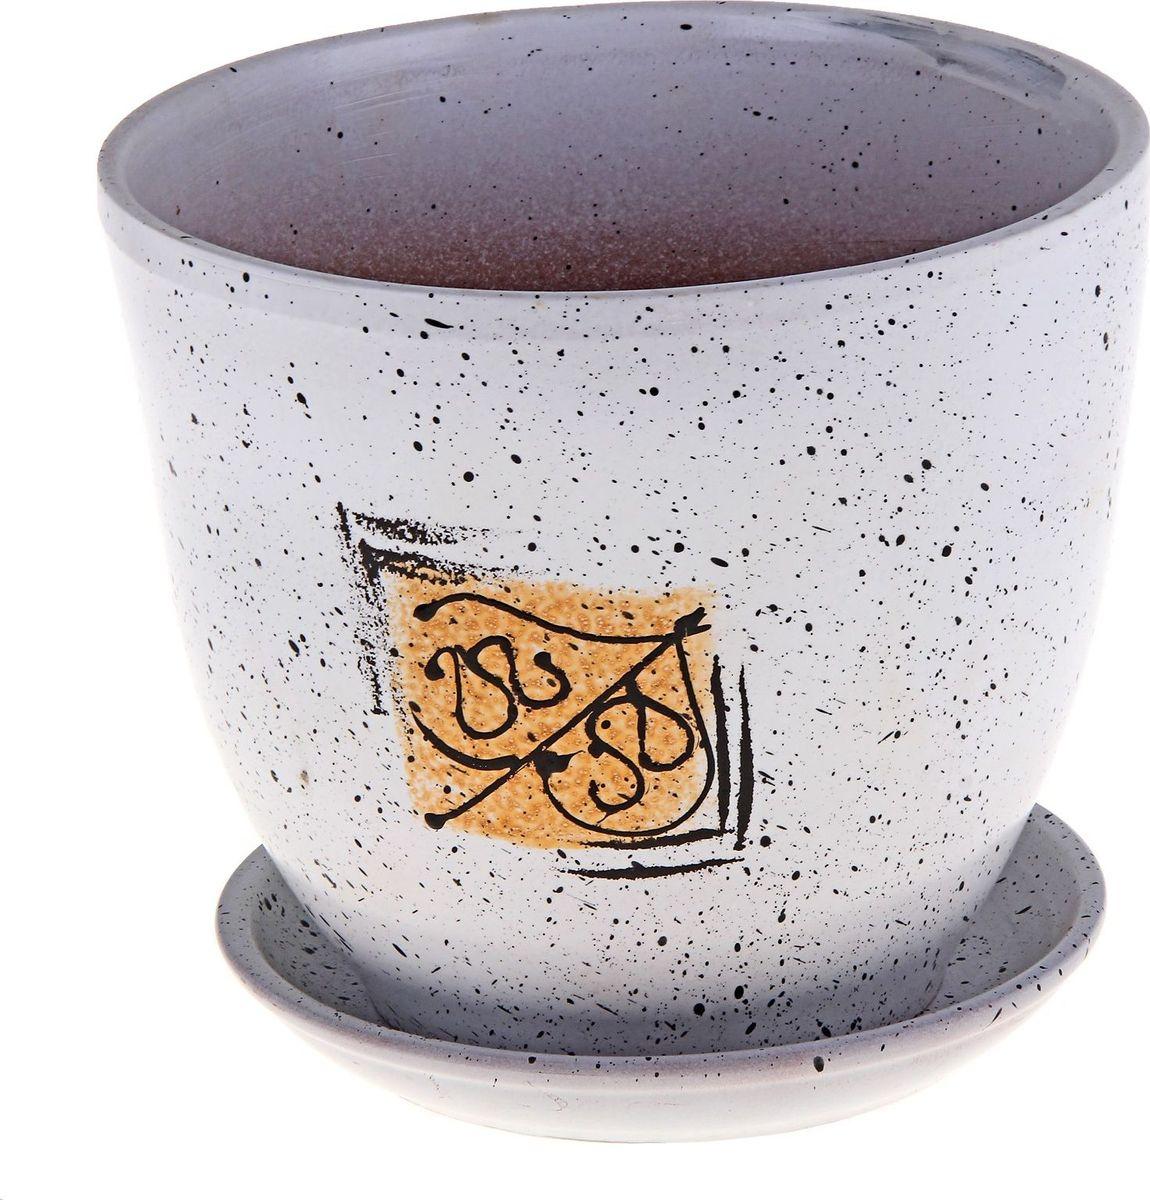 Кашпо Лист, 5 л165082Комнатные растениявсеобщие любимцы. Они радуют глаз, насыщают помещение кислородом и украшают пространство. Каждому из них необходим свой удобный и красивый дом.Кашпо из керамики прекрасно подходят для высадки растений:за счёт пластичности глины и разных способов обработки существует великое множество форм и дизайнов;пористый материал позволяет испаряться лишней влаге;воздух, необходимый для дыхания корней, проникает сквозь керамические стенки!Кашпо Лист позаботится о зелёном питомце, освежит интерьер и подчеркнёт его стиль.